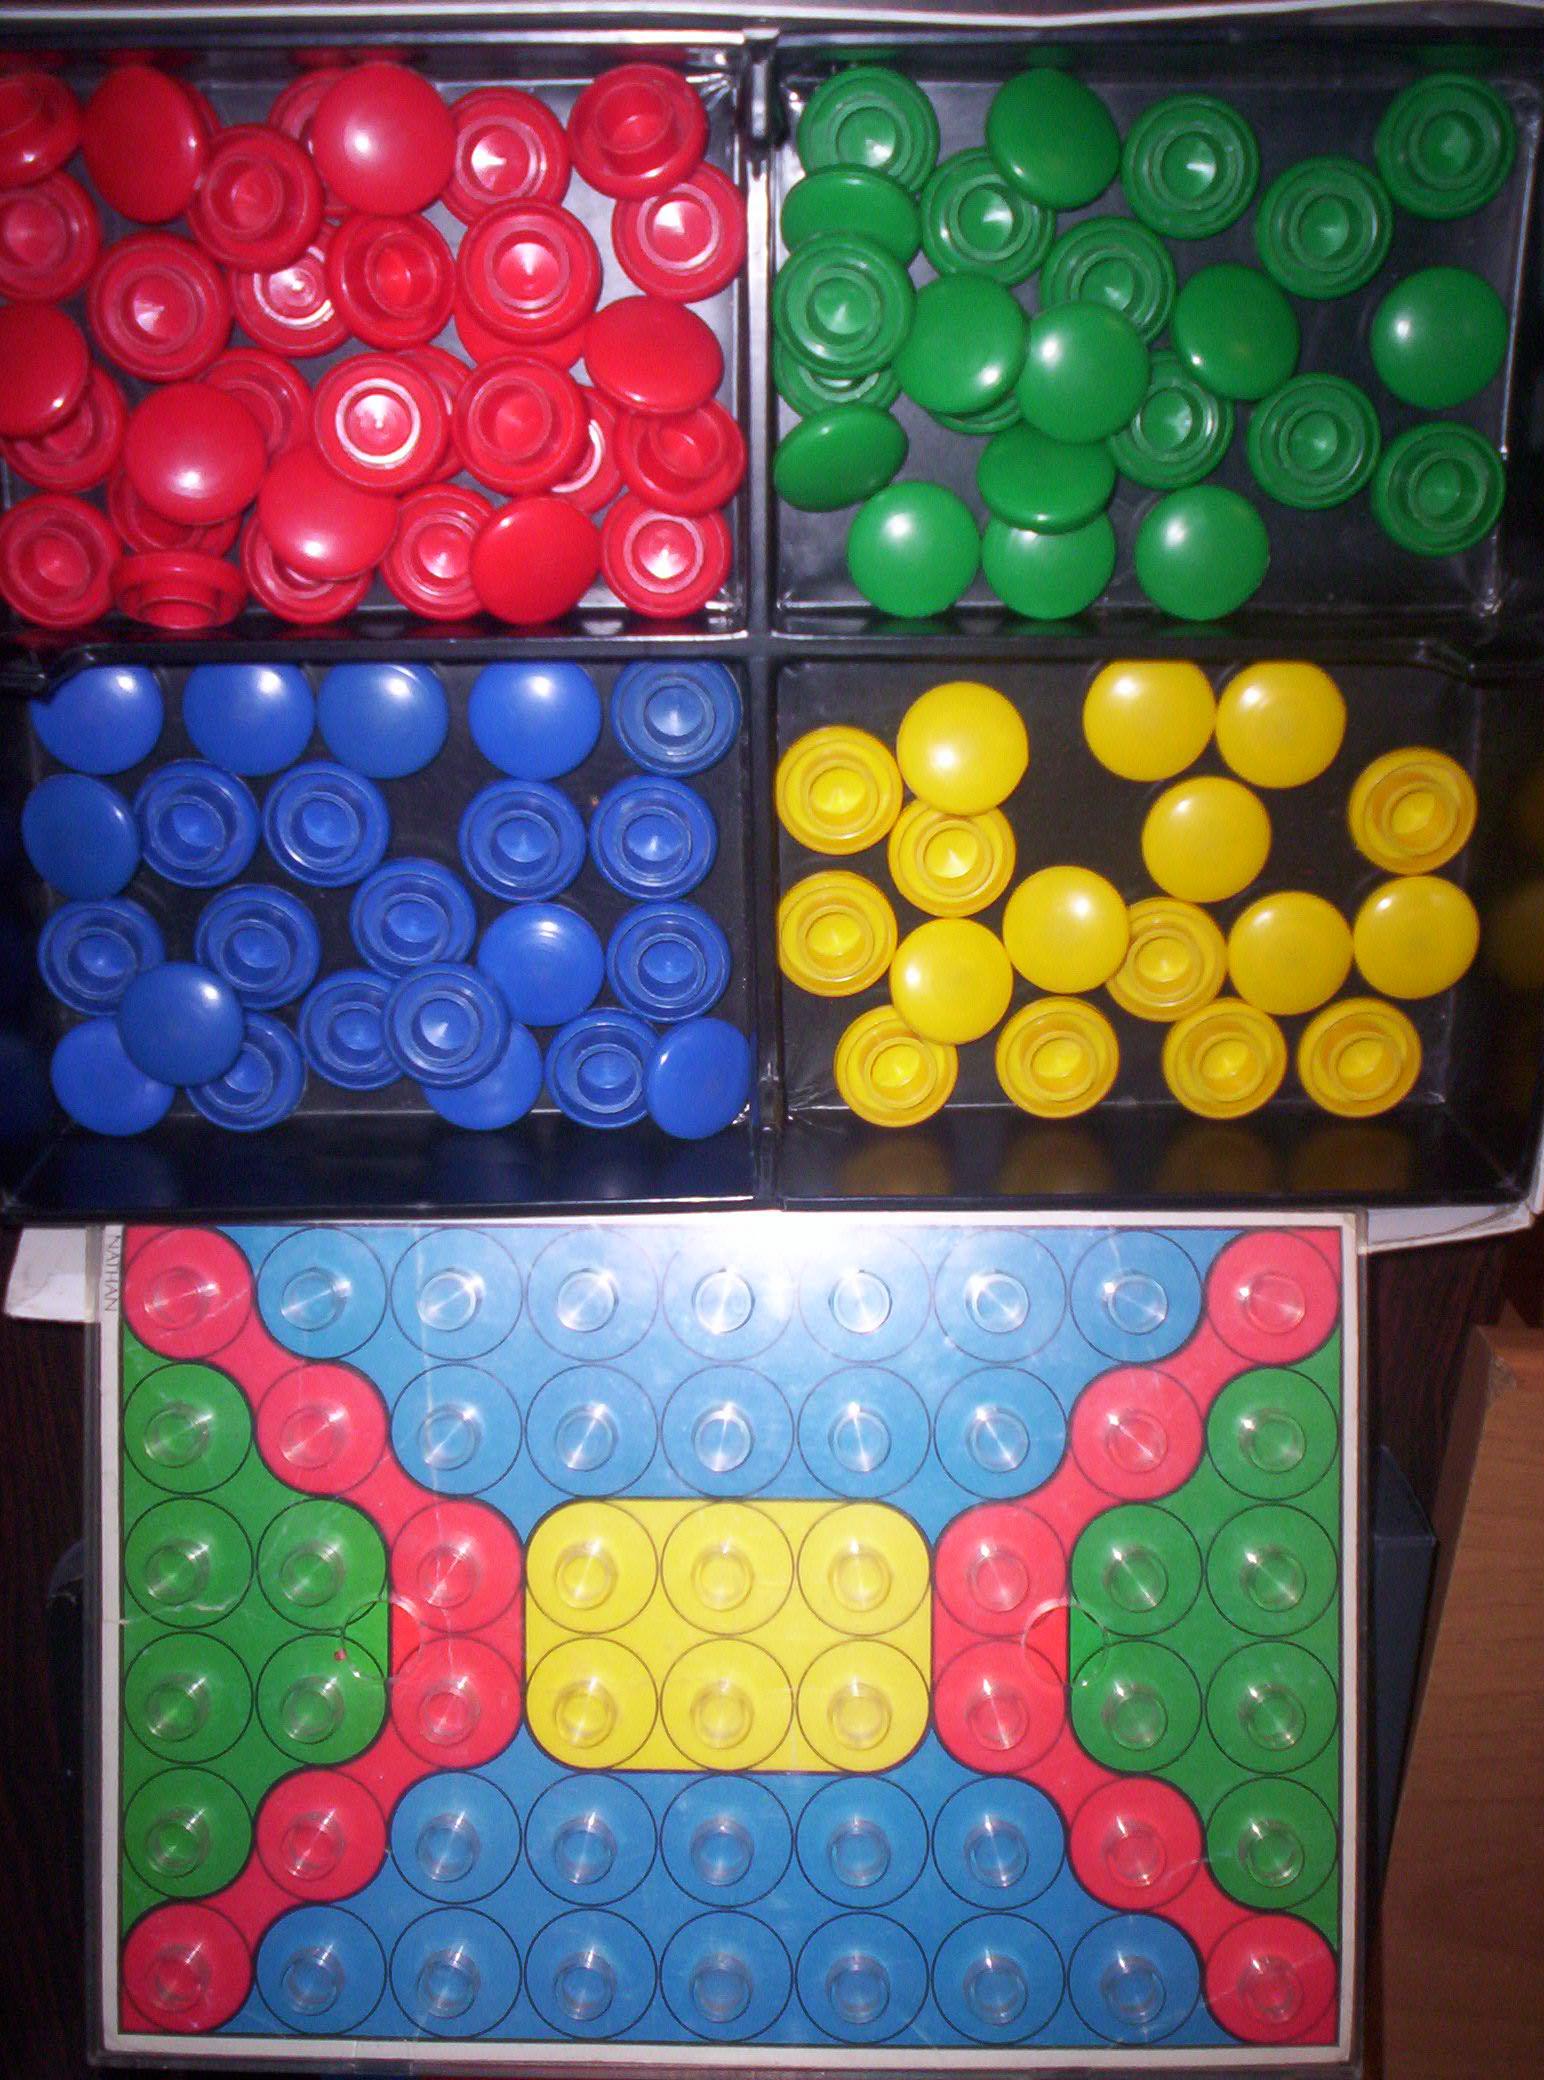 Gioco con bottoni colorati ad incastro: bottoni e disegno.